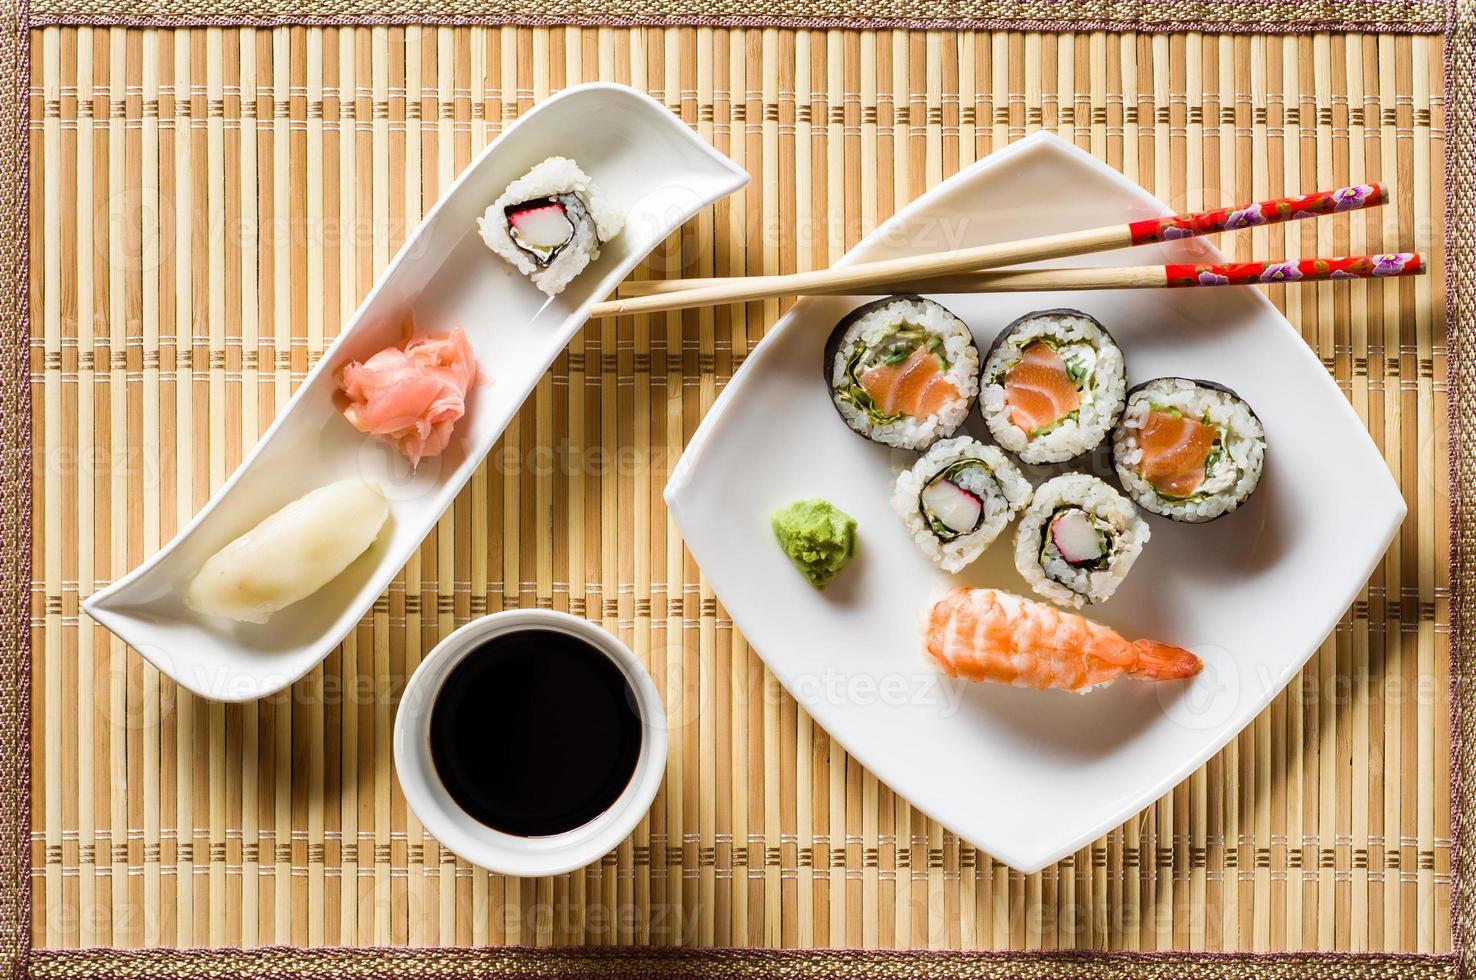 sushi sur plaque blanche photo